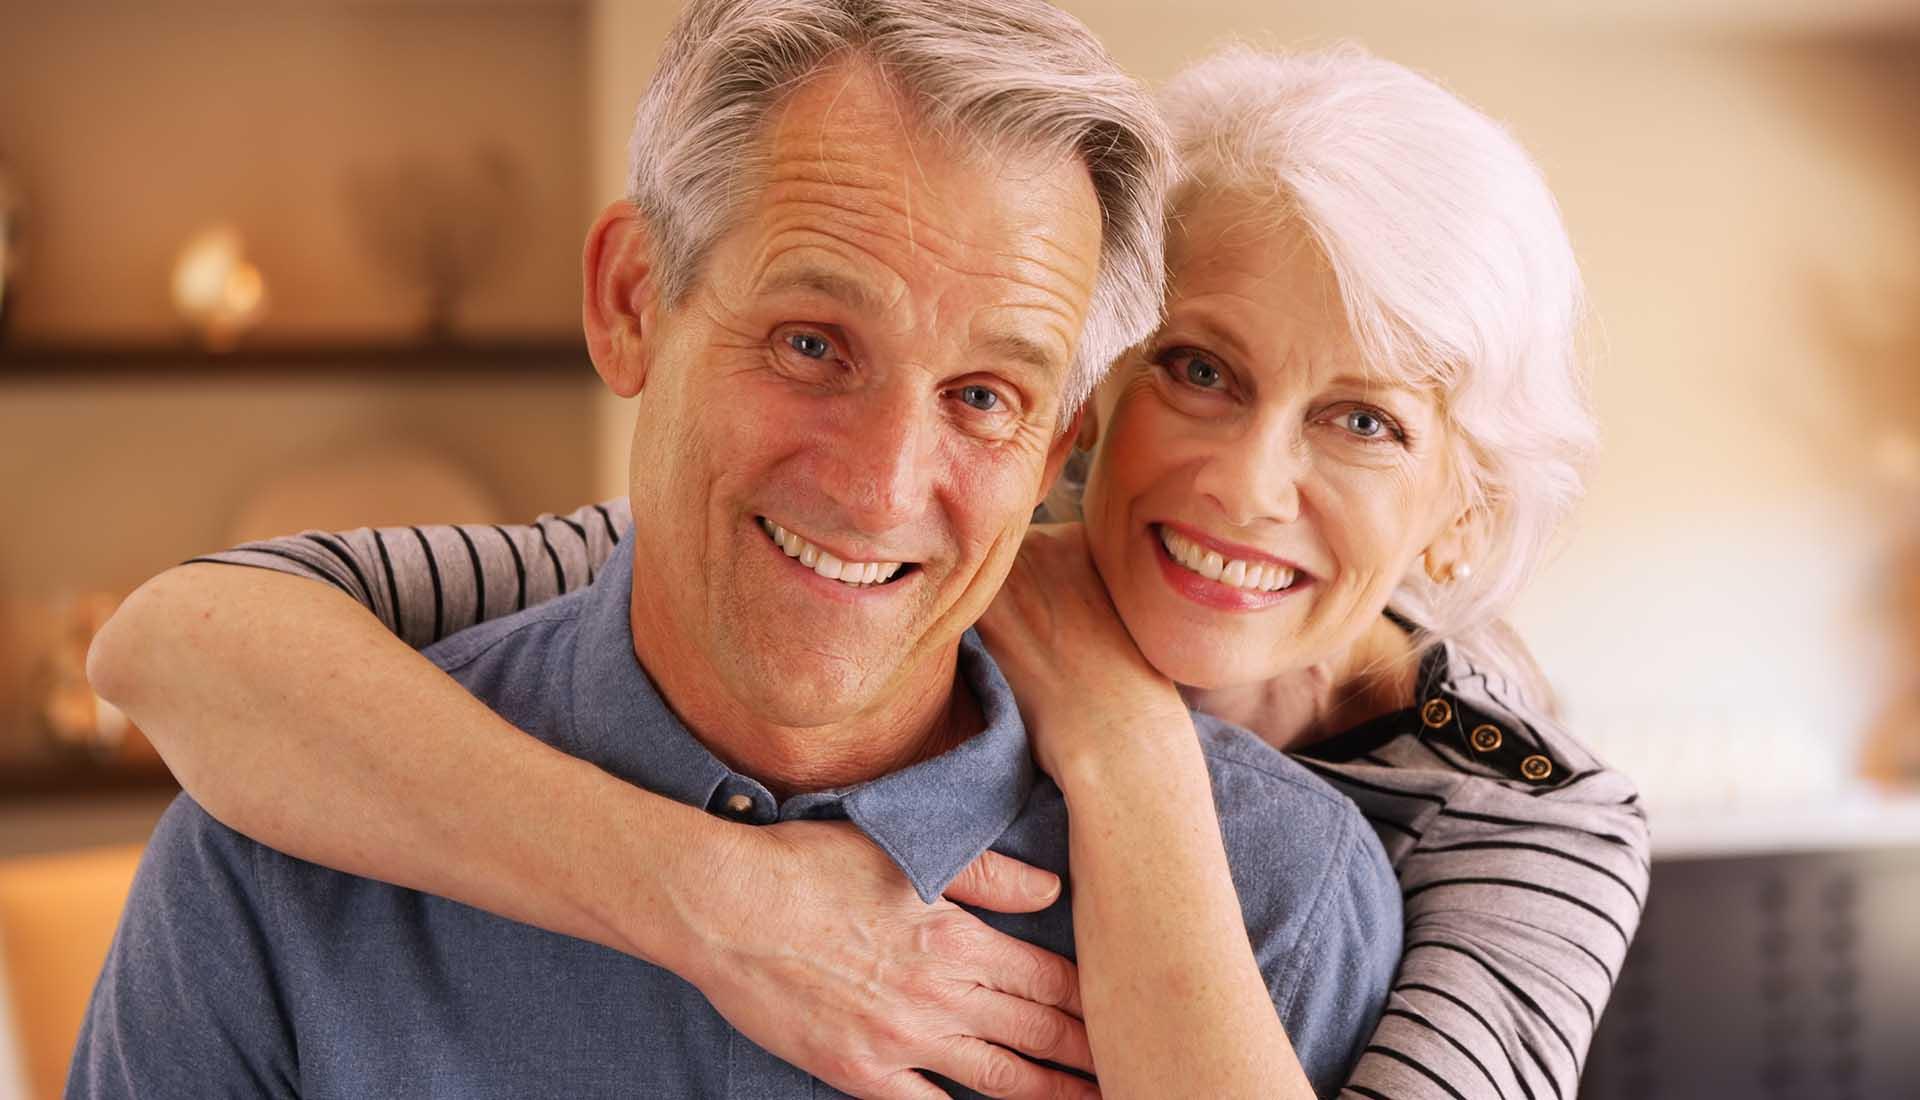 happy senior couple with perfect smiles